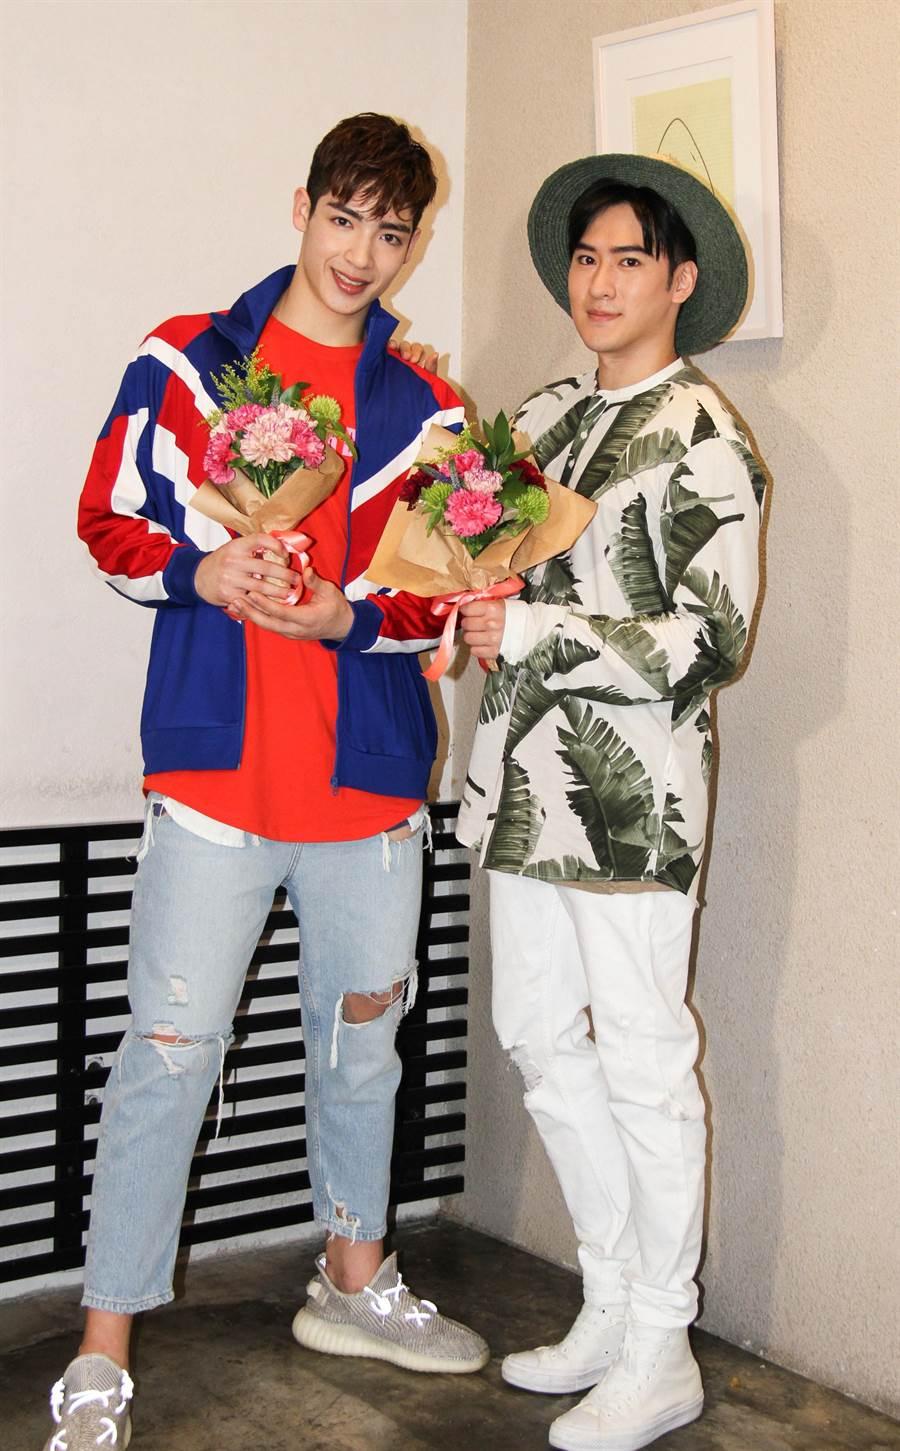 沈建宏(右)與師弟黃士杰一起做母親節花束送媽媽。(達騰娛樂)